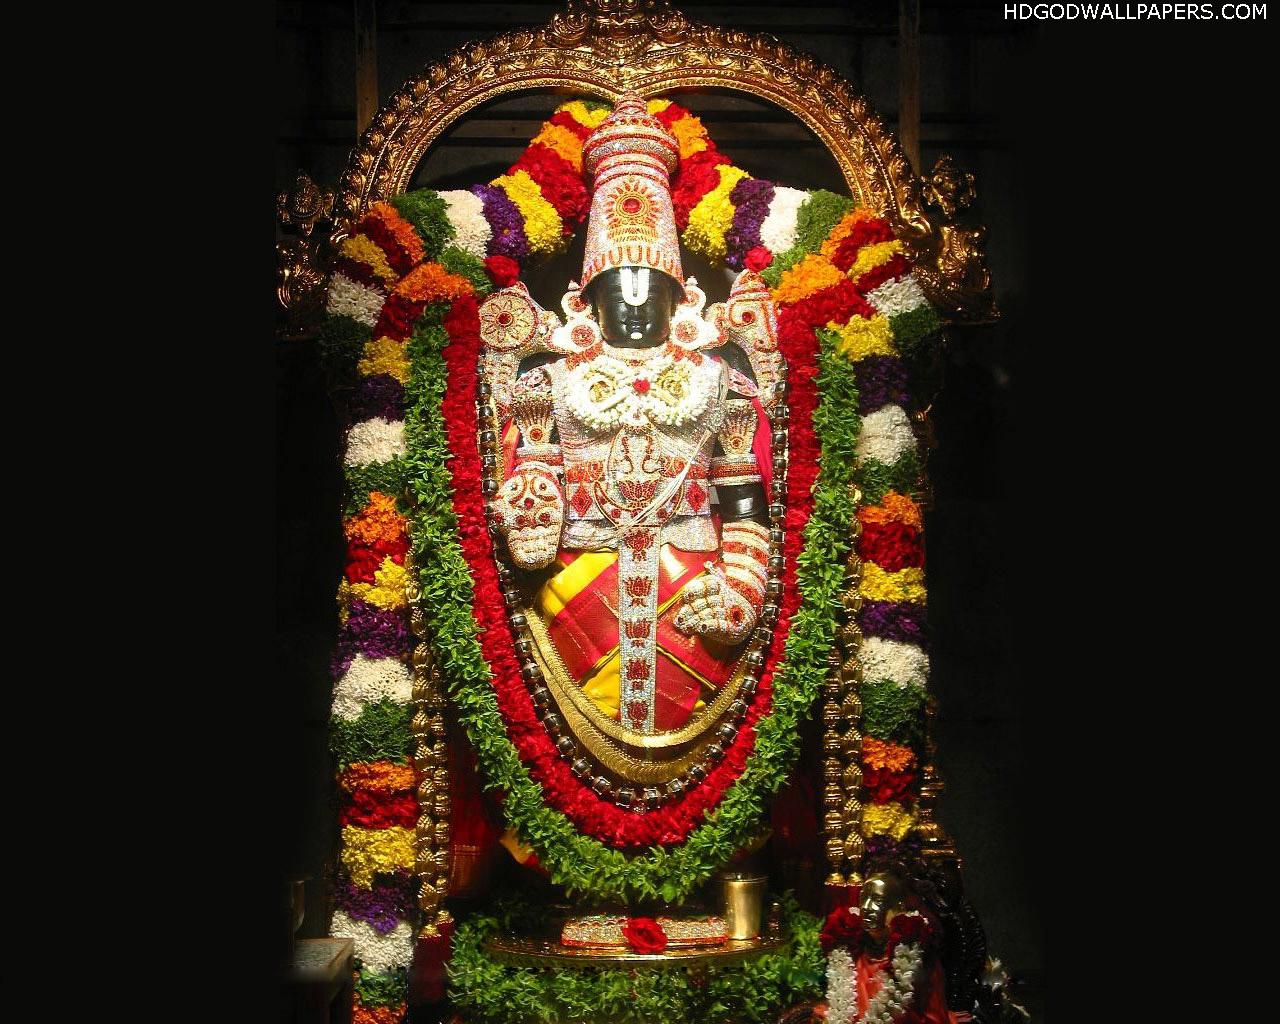 Lord Venkateswara God Wallpapers Free Download